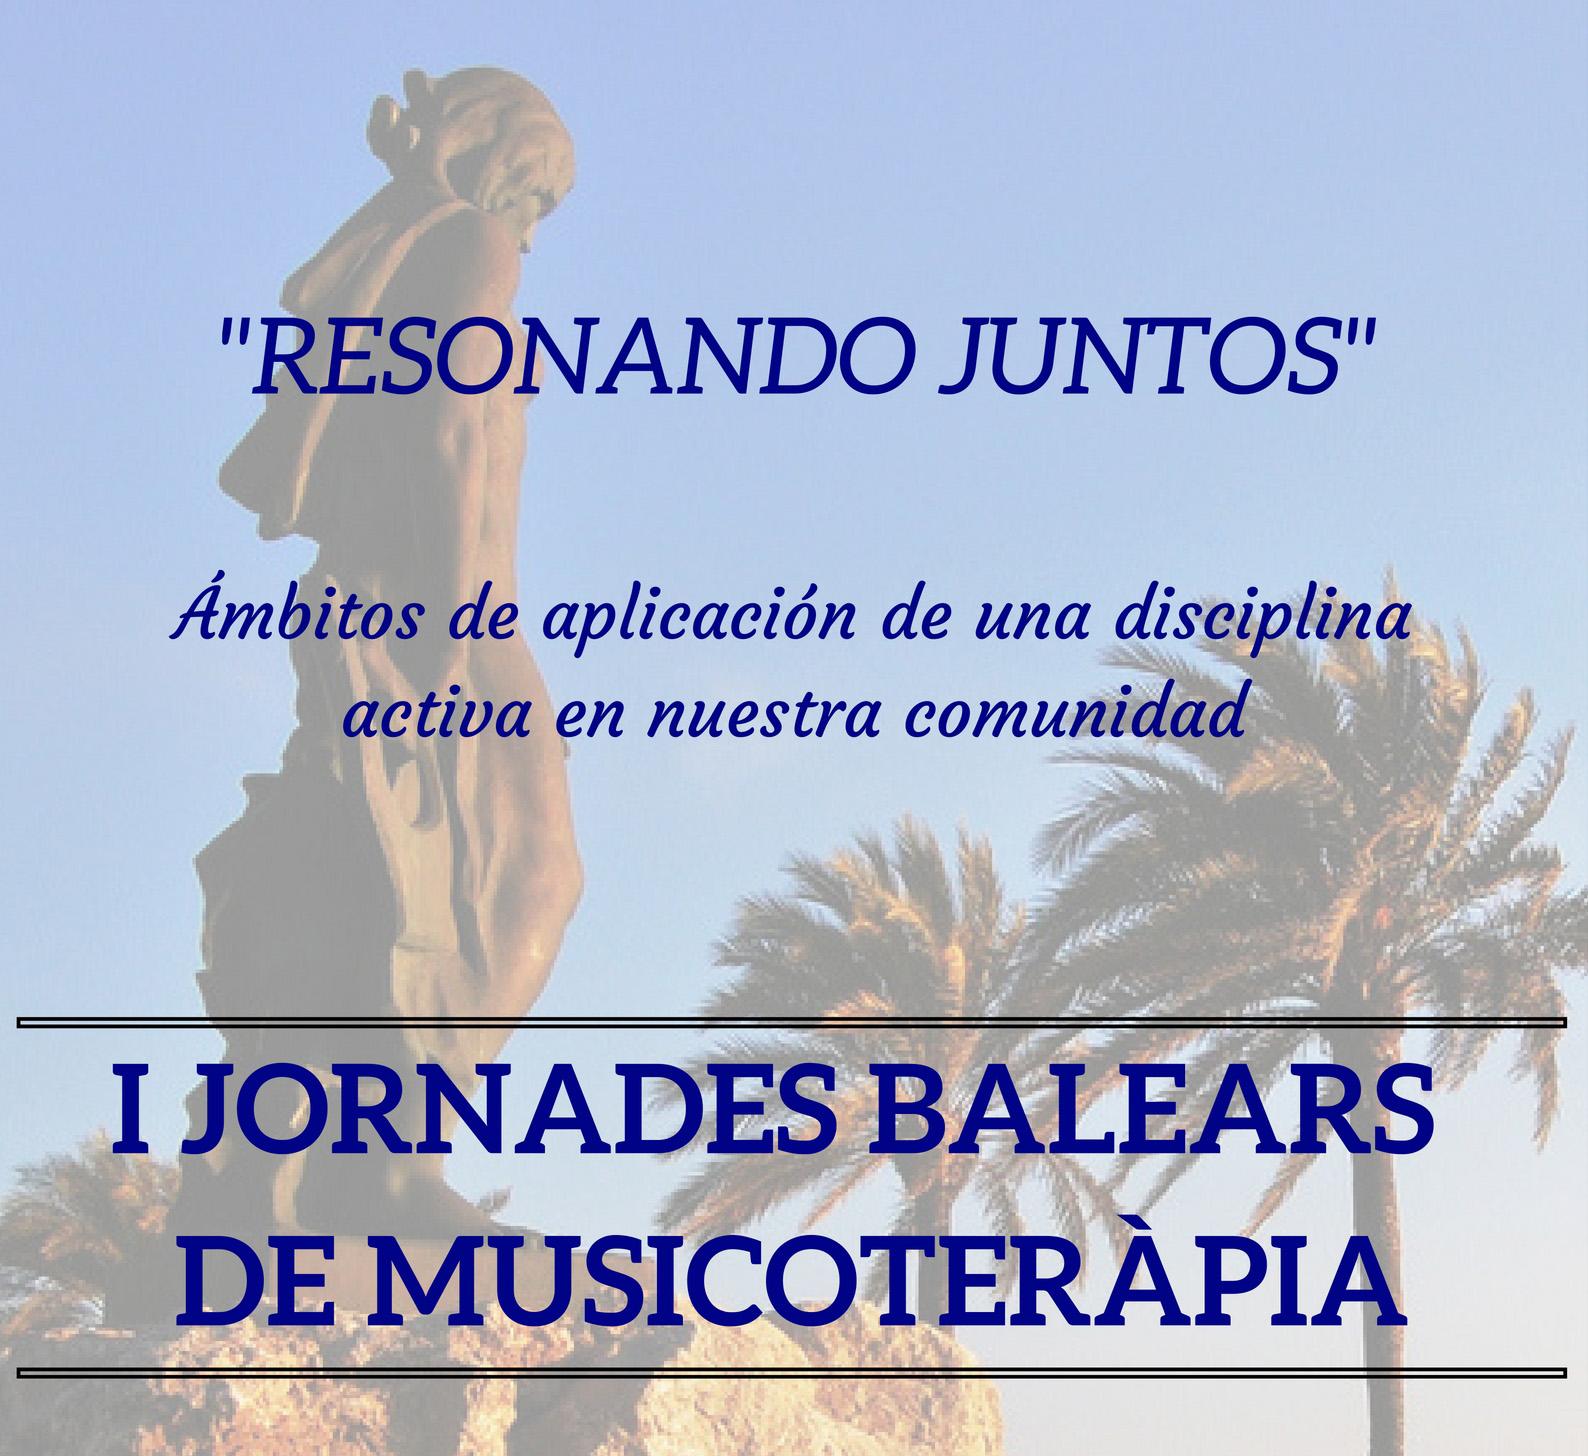 Resum de les I Jornades Balears de Musicoteràpia